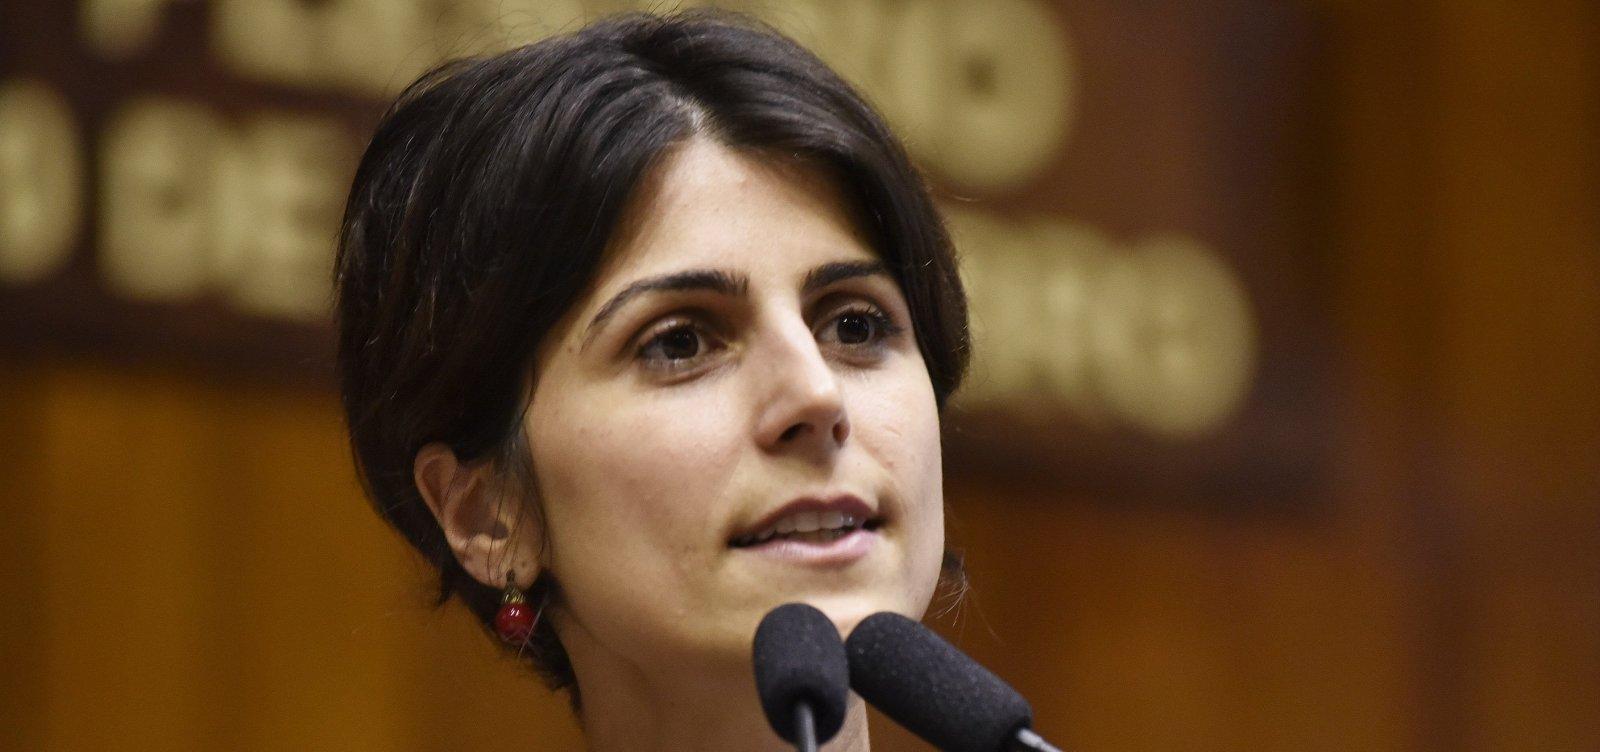 Manuela D'Ávila pede proteção da PF após ameaças